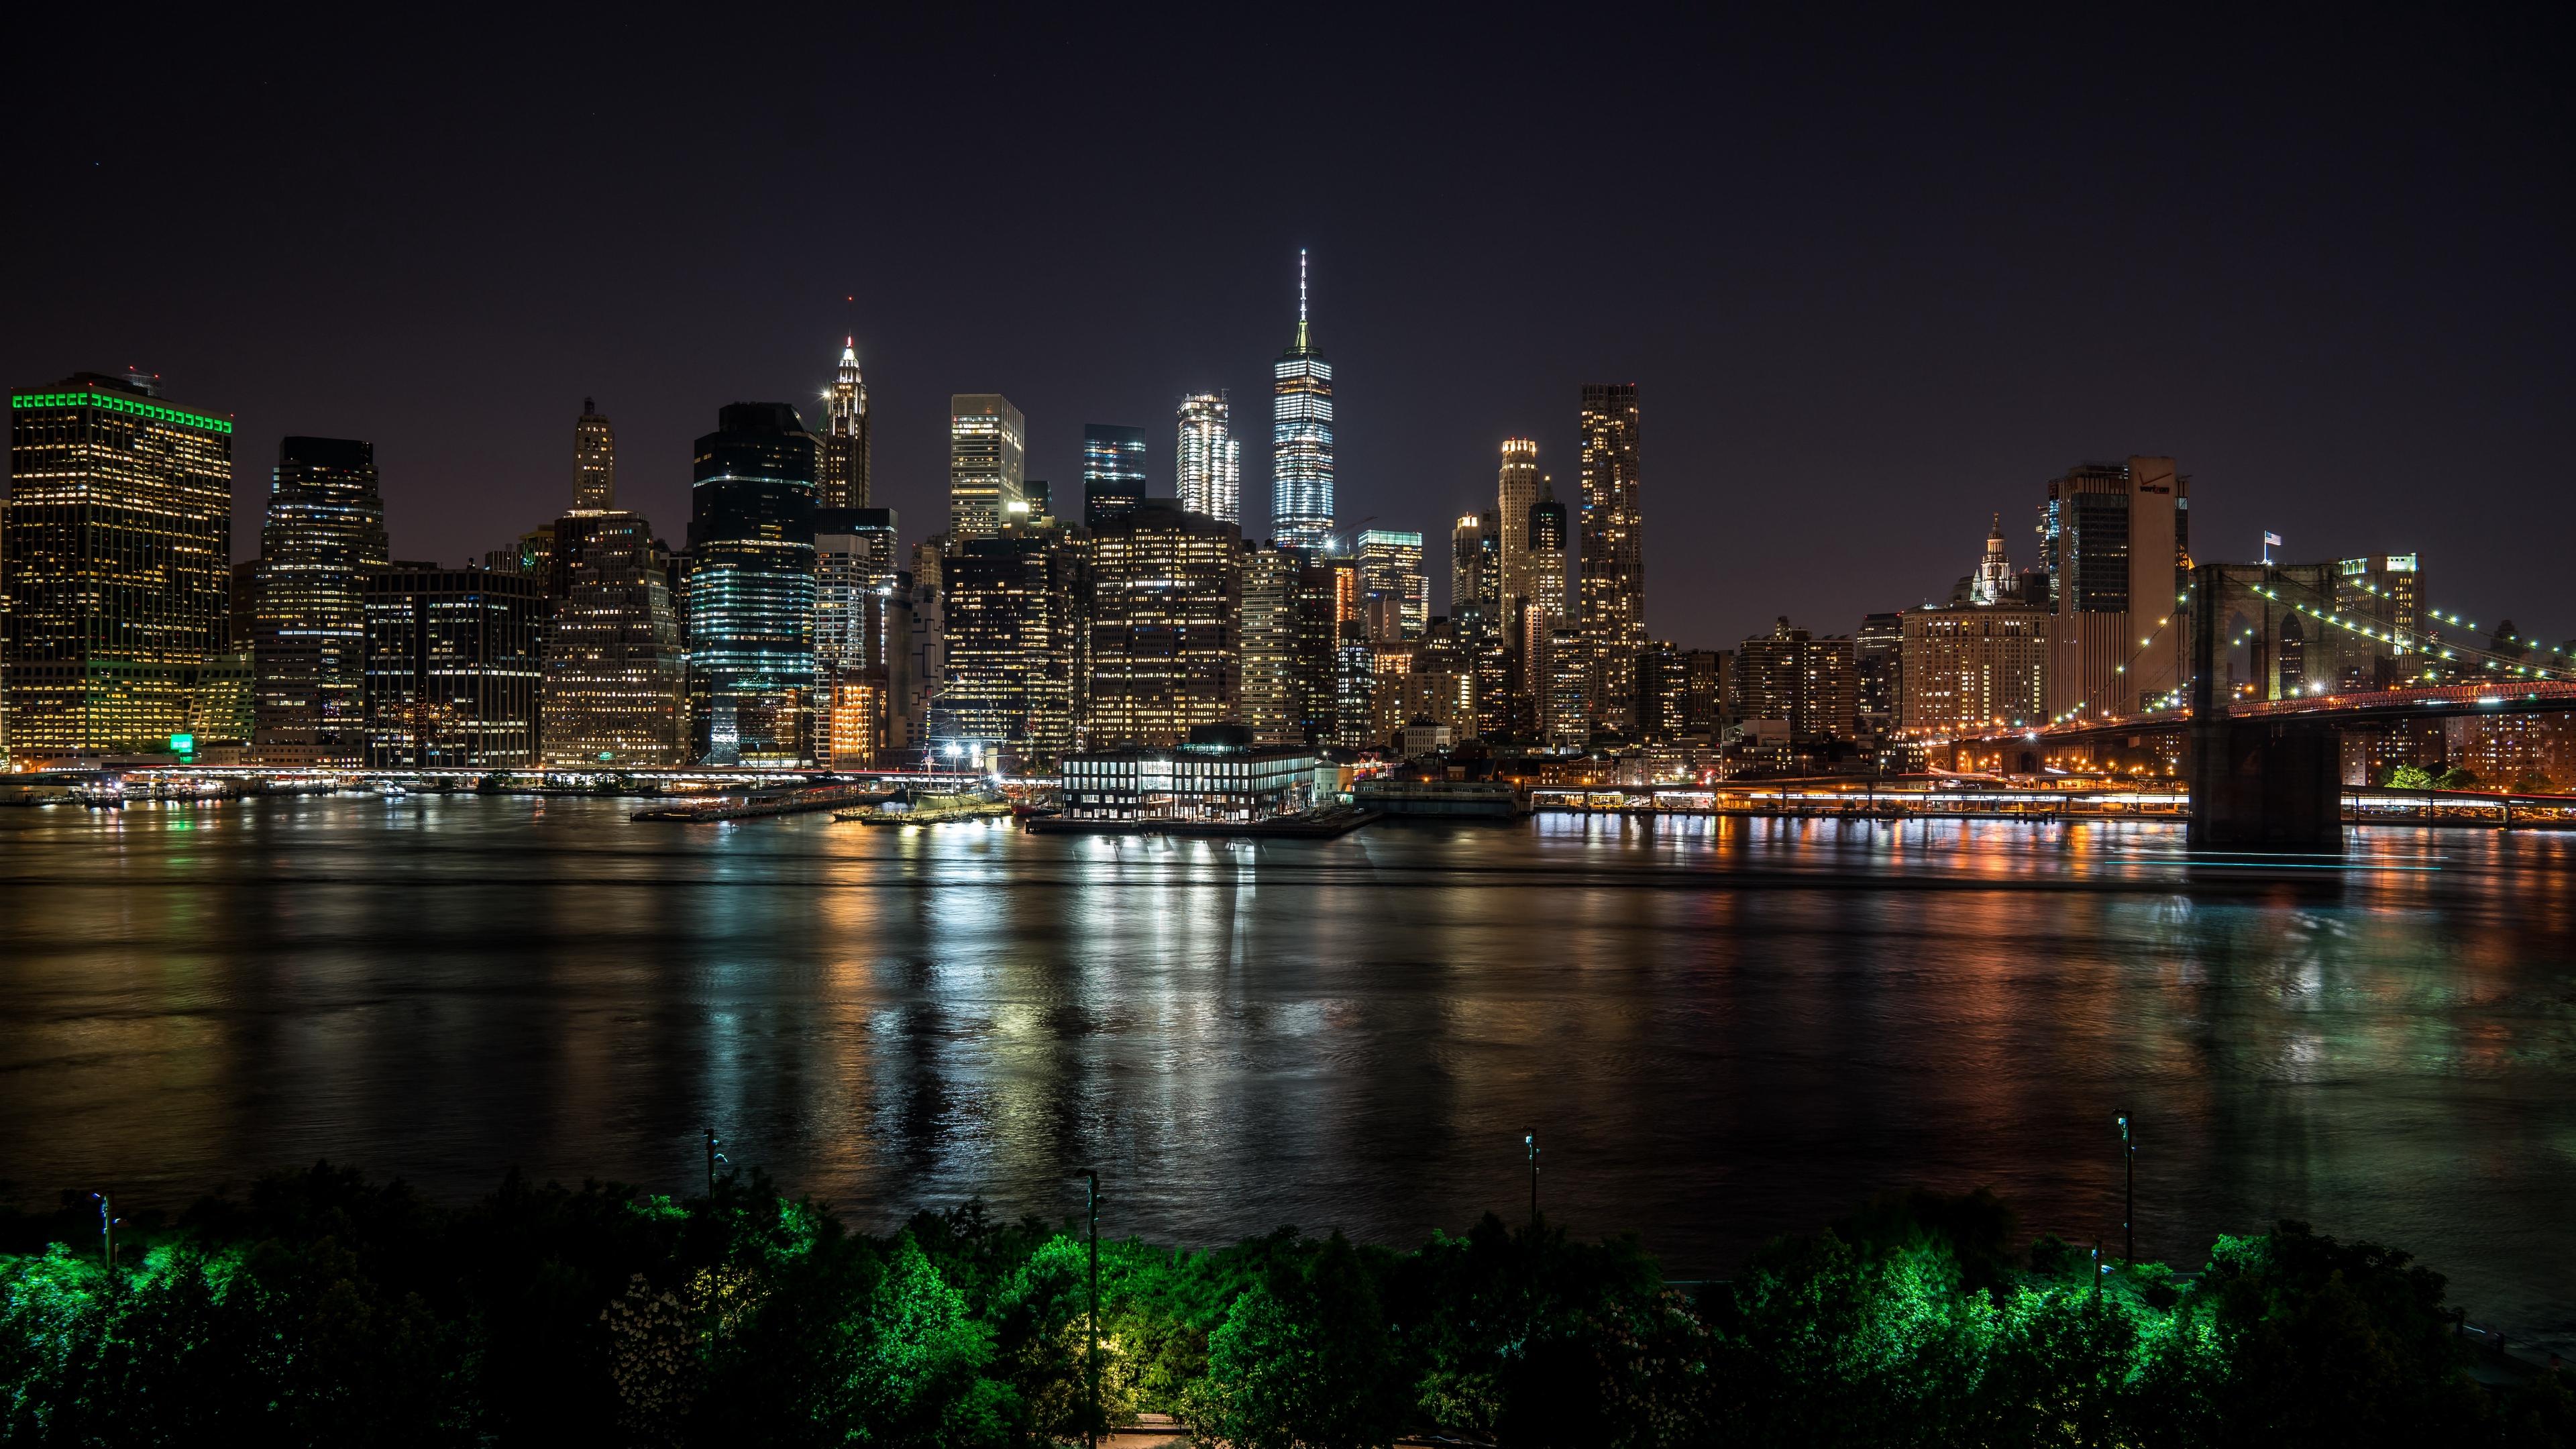 new york usa night city panorama skyscrapers 4k 1538067608 - new york, usa, night city, panorama, skyscrapers 4k - USA, night city, new york